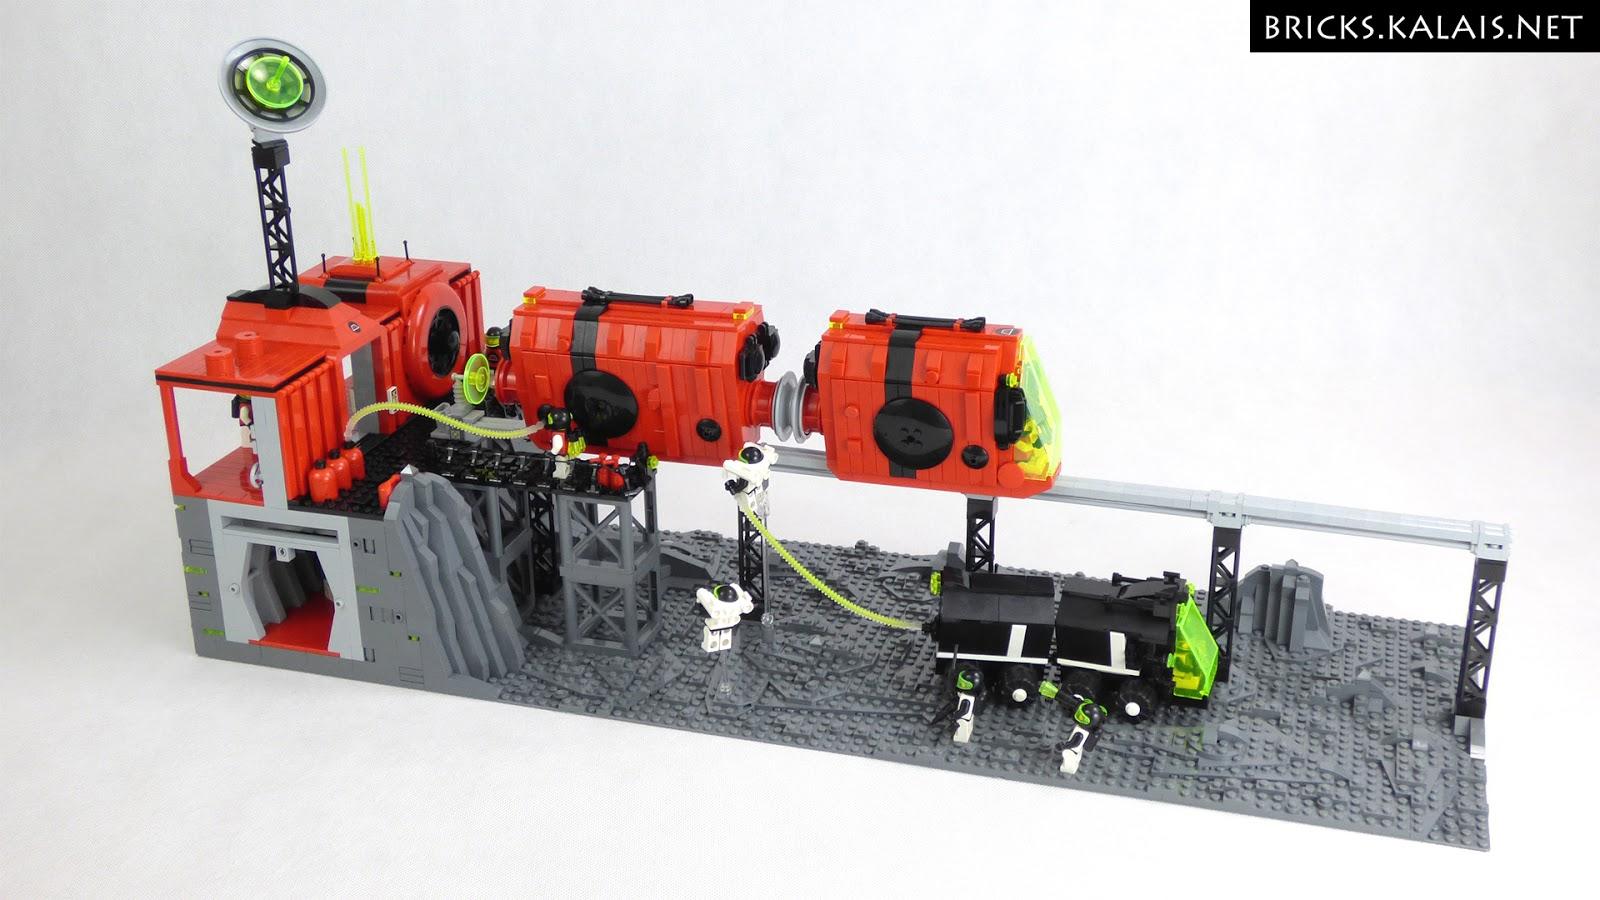 [MOC] M:tron monorail